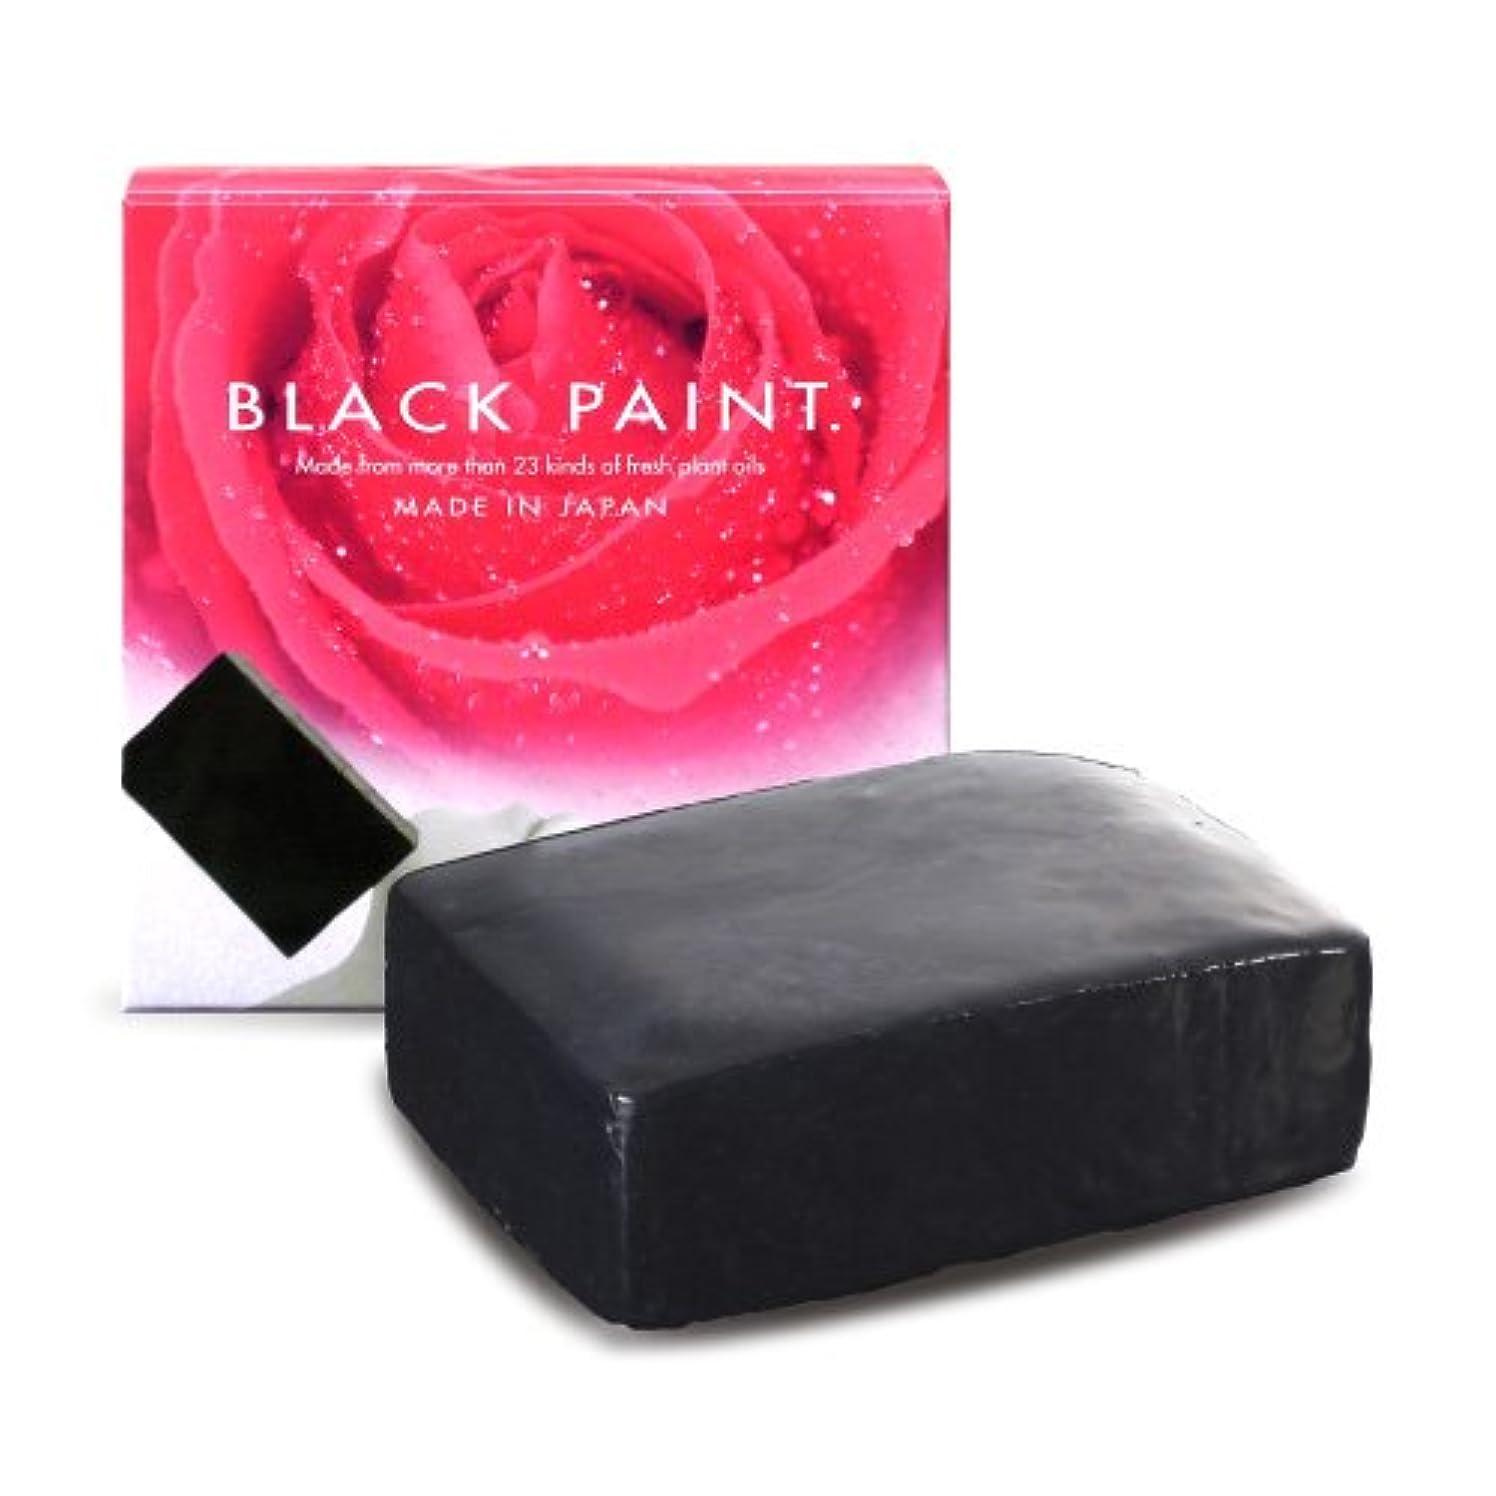 プロフェッショナル癒すしがみつくブラックペイント 120g 塗る洗顔 石鹸 無添加 国産